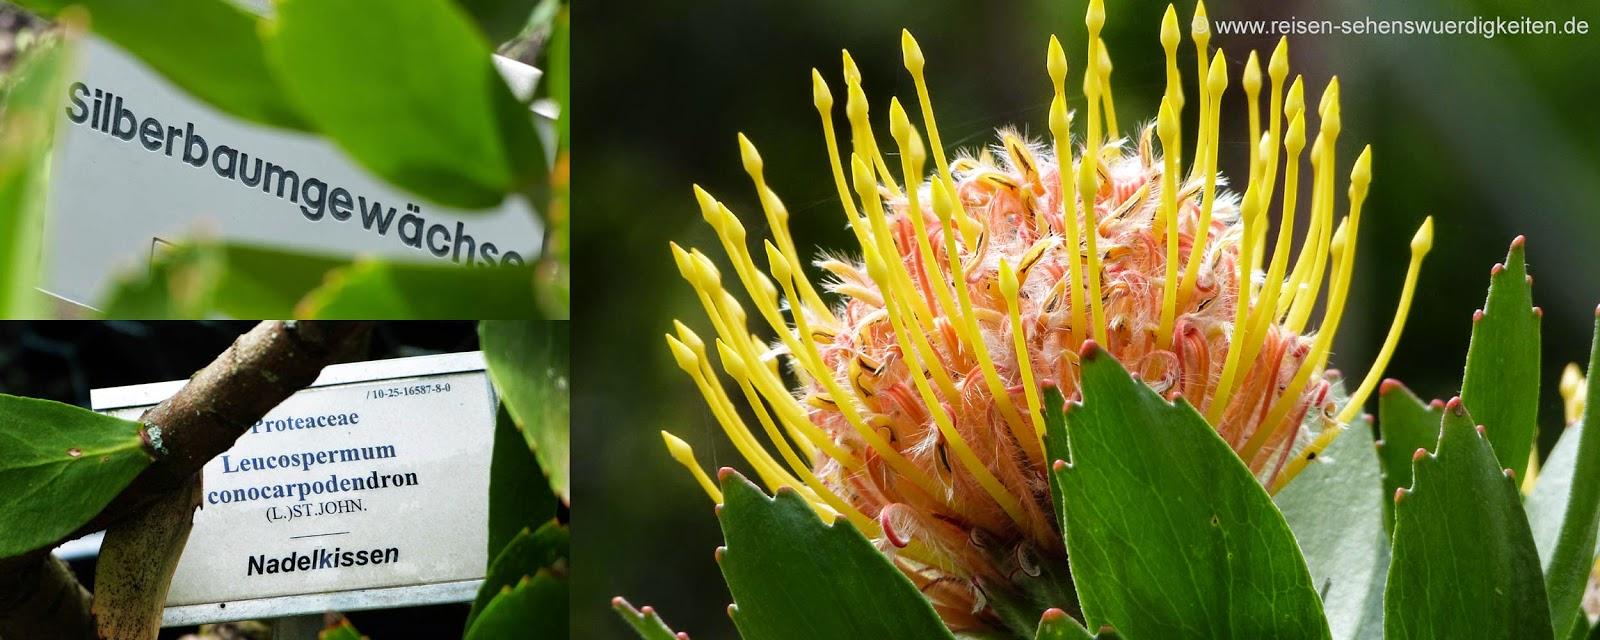 Silberbaumgewächs, Nadelkissen, Botanischer Garten